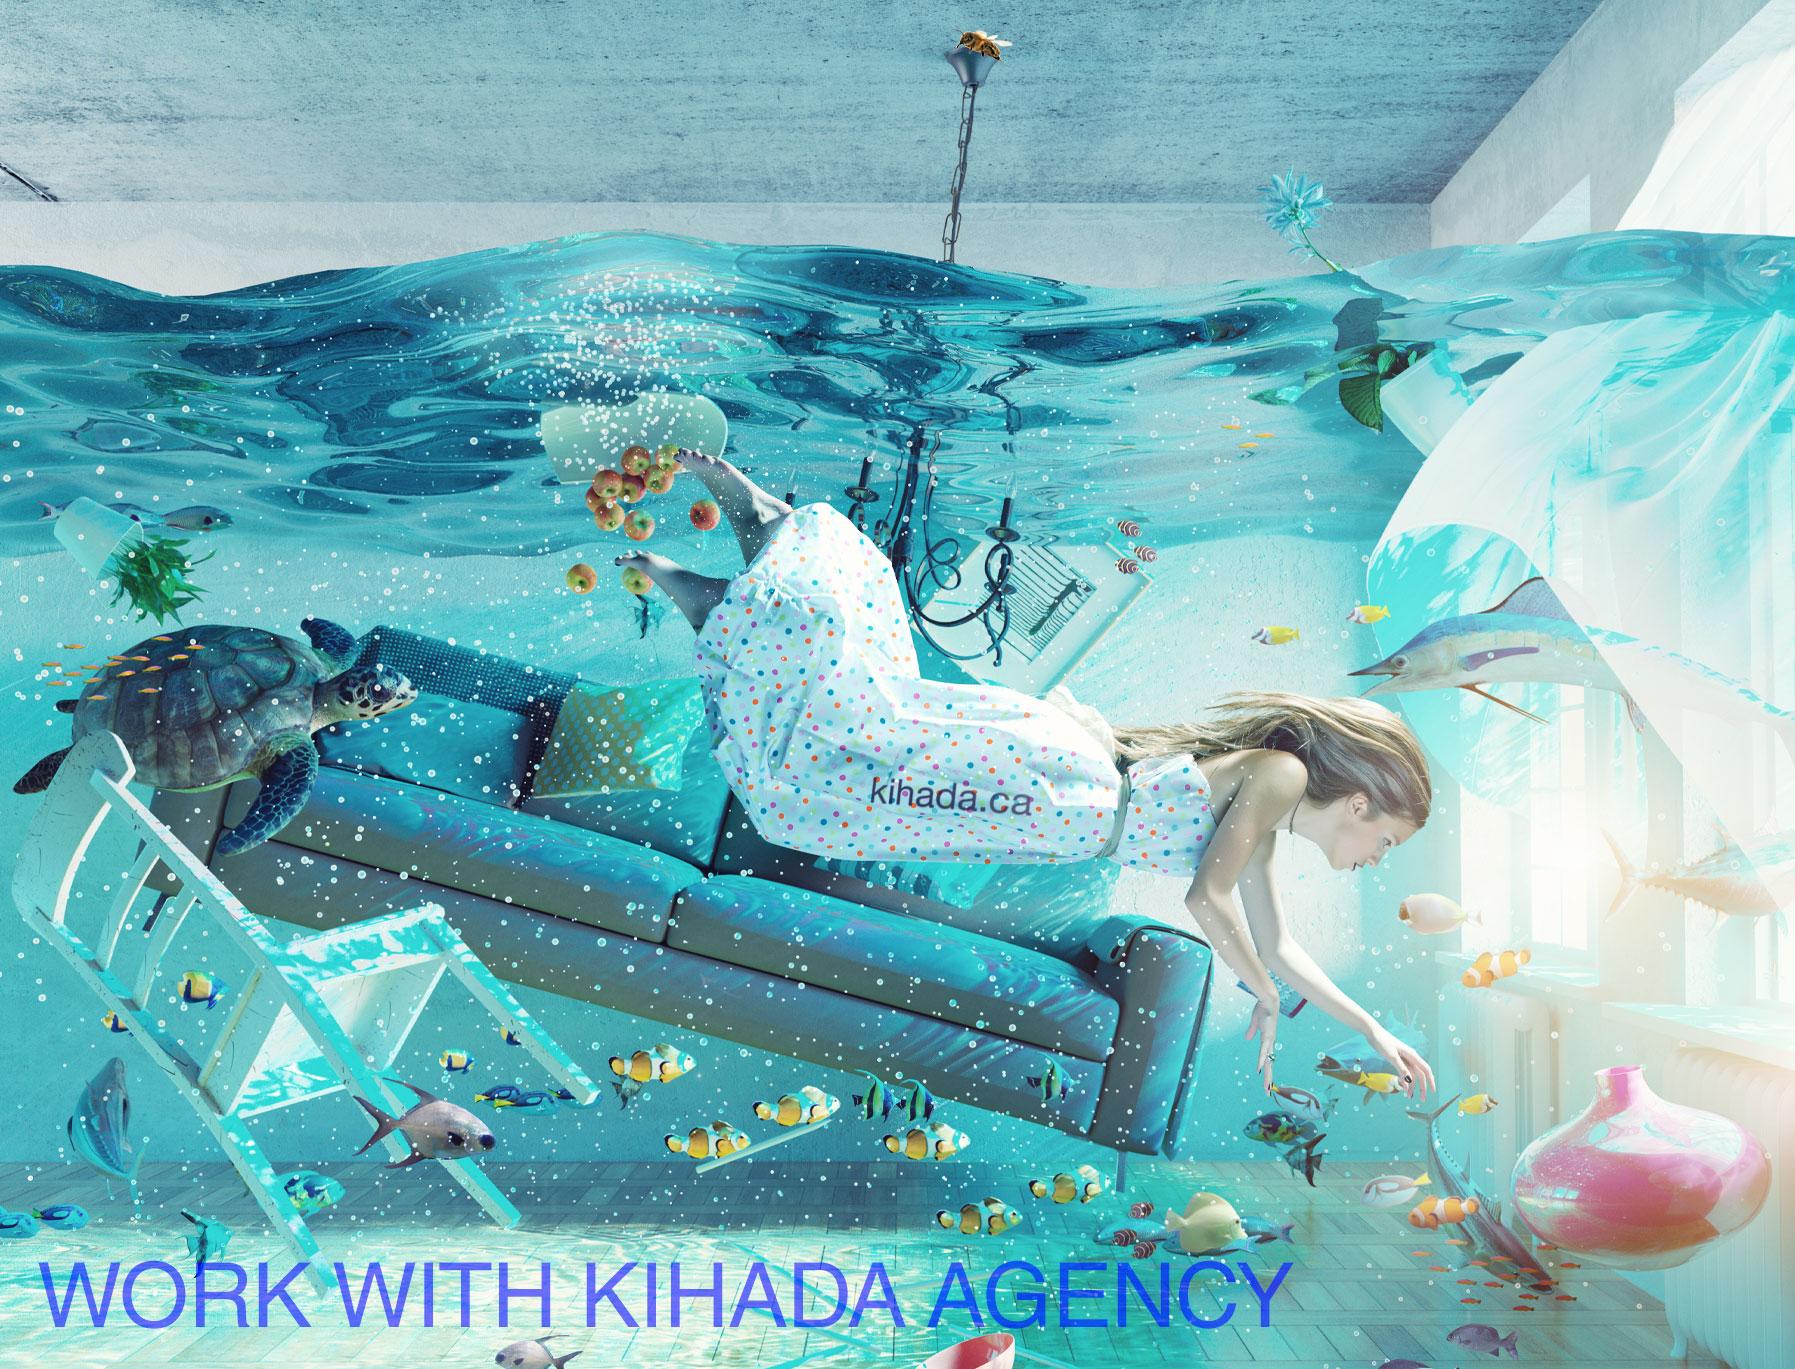 Work With Kihada Agency